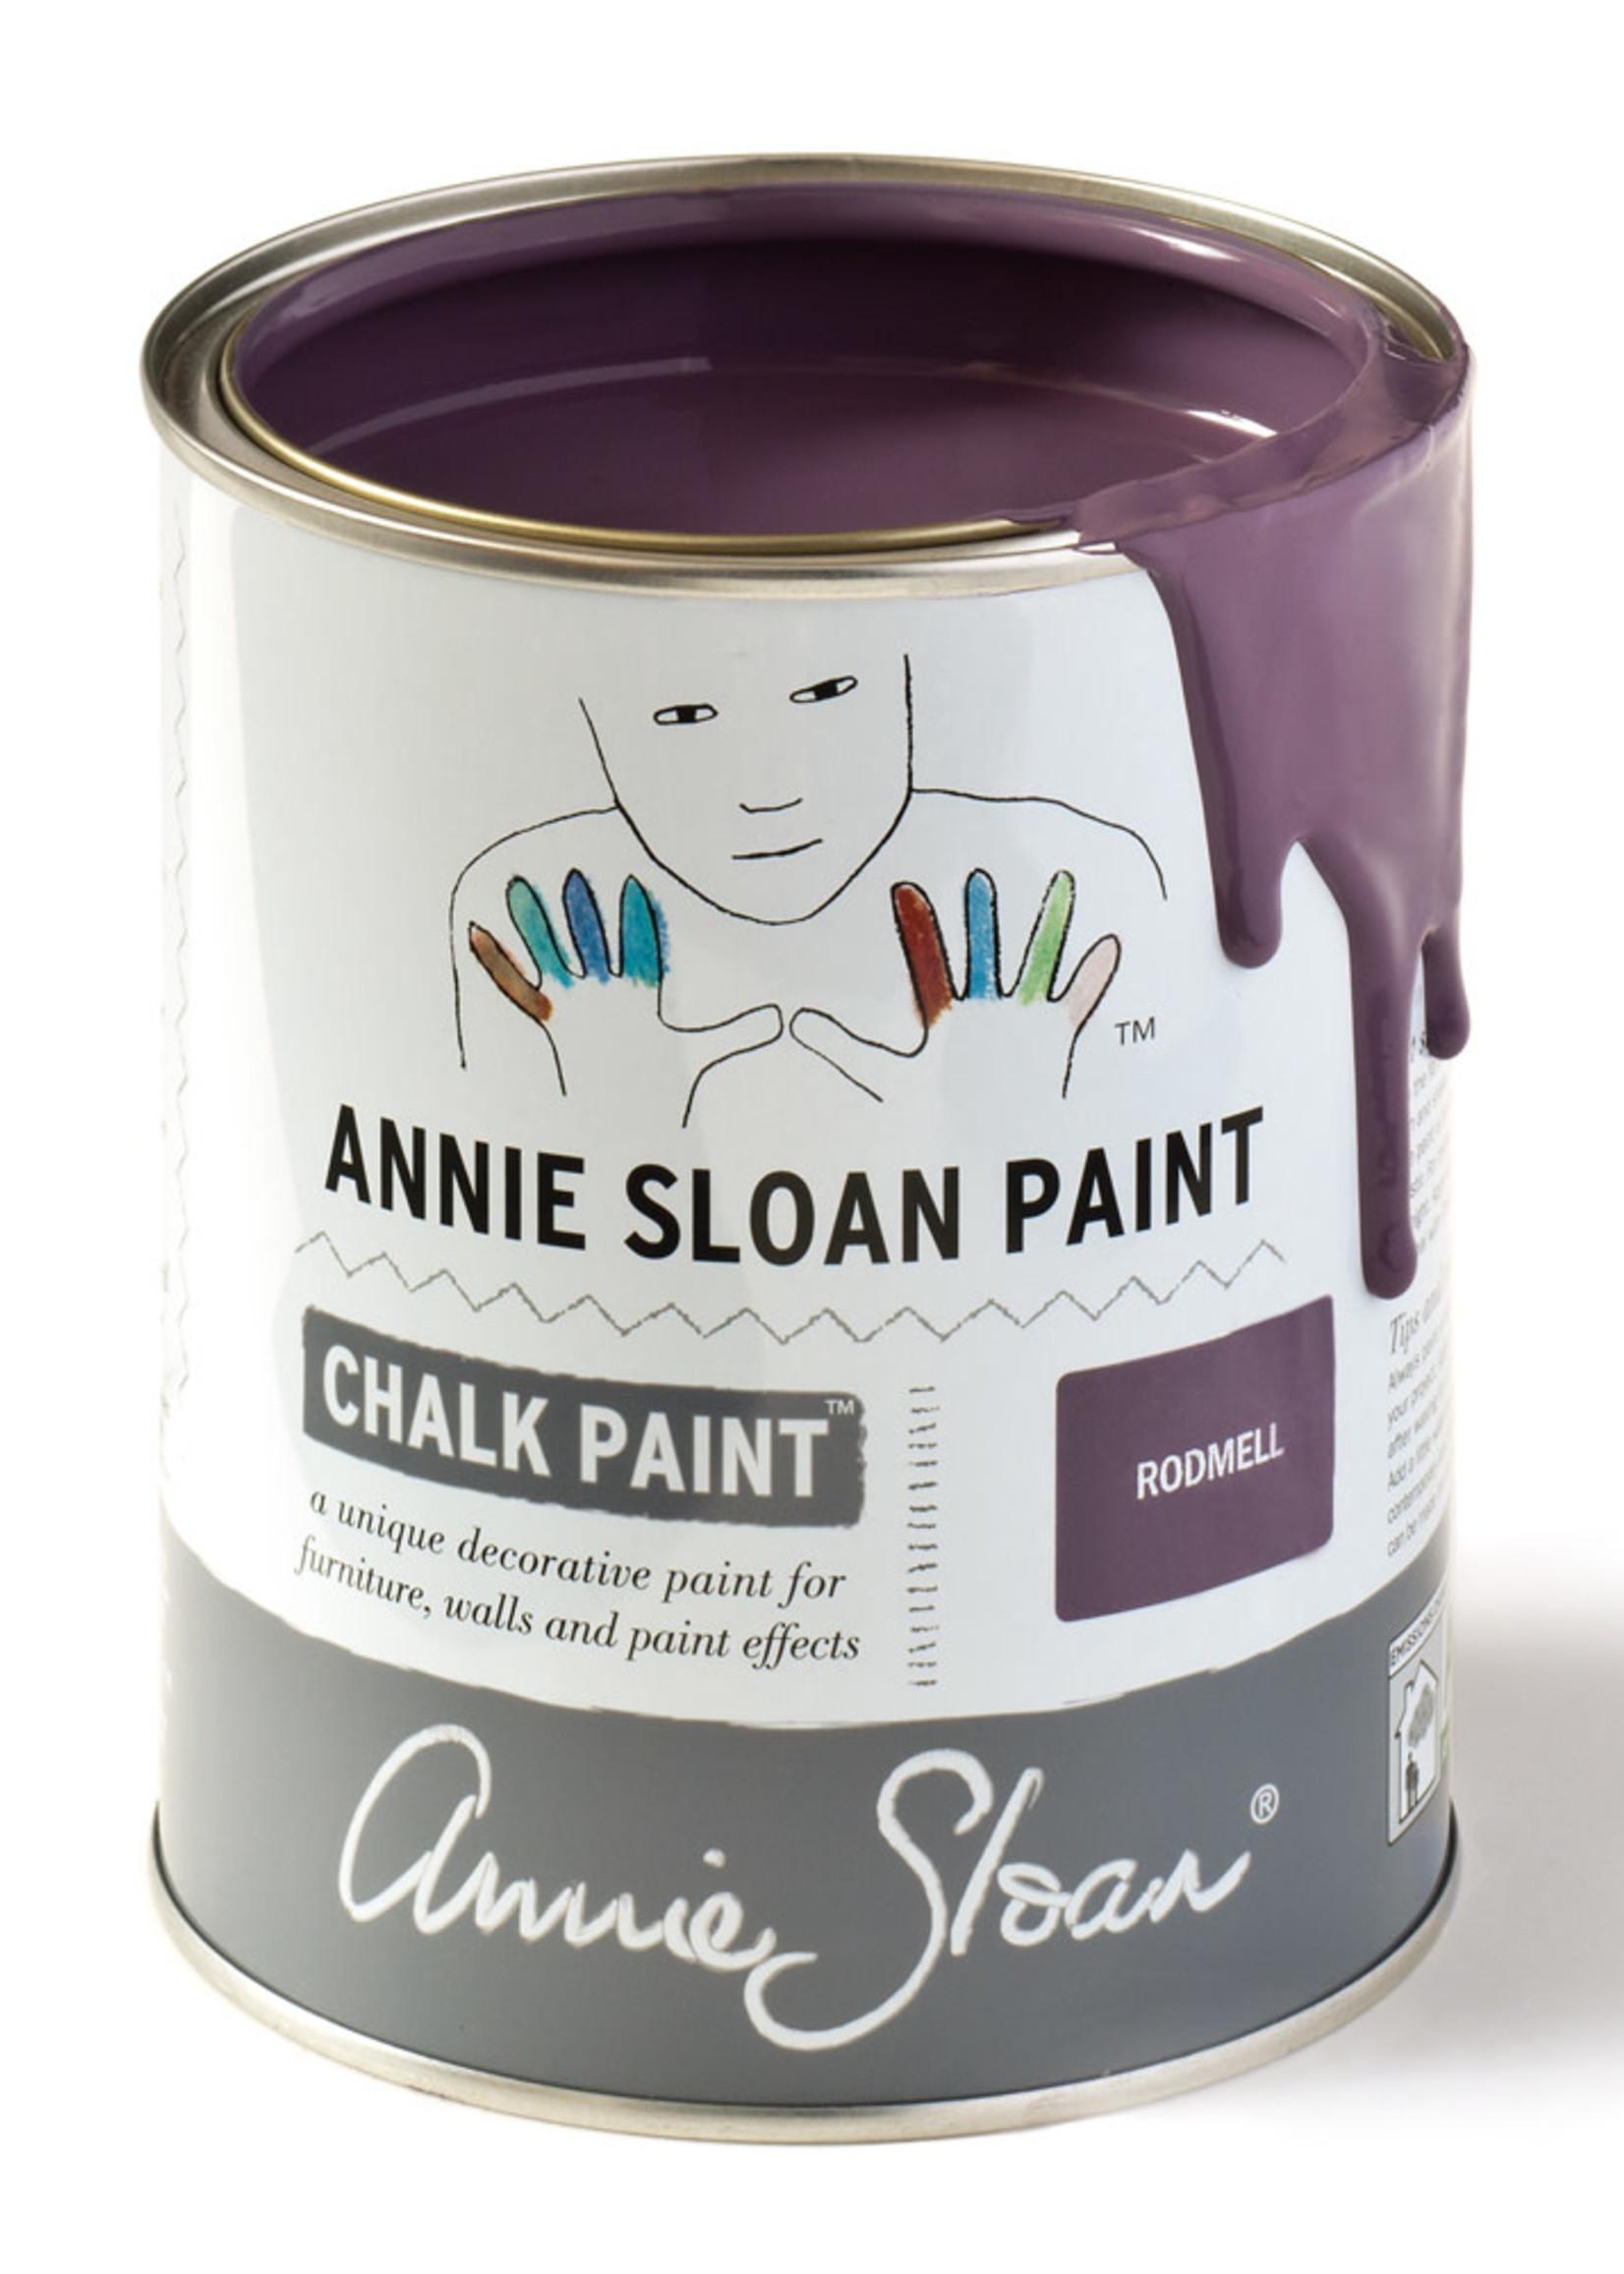 Annie Sloan US Inc Rodmell